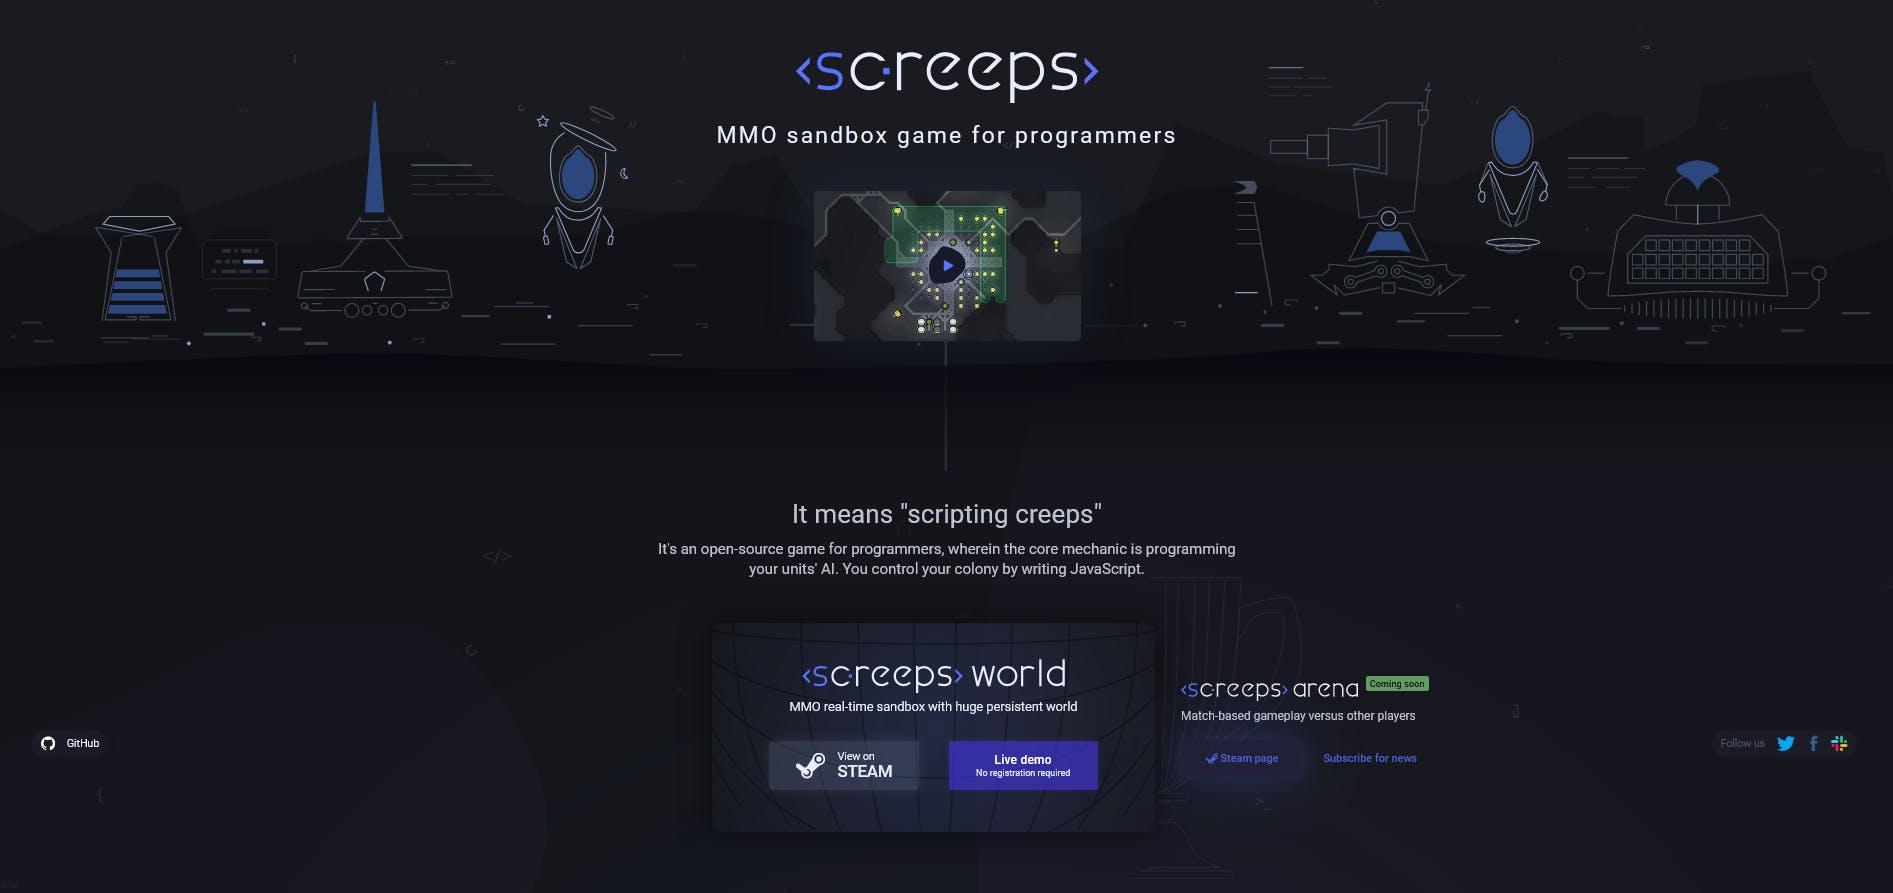 Screenshot 2021-05-07 at 11-33-36 Screeps MMO RTS sandbox for programmers.png